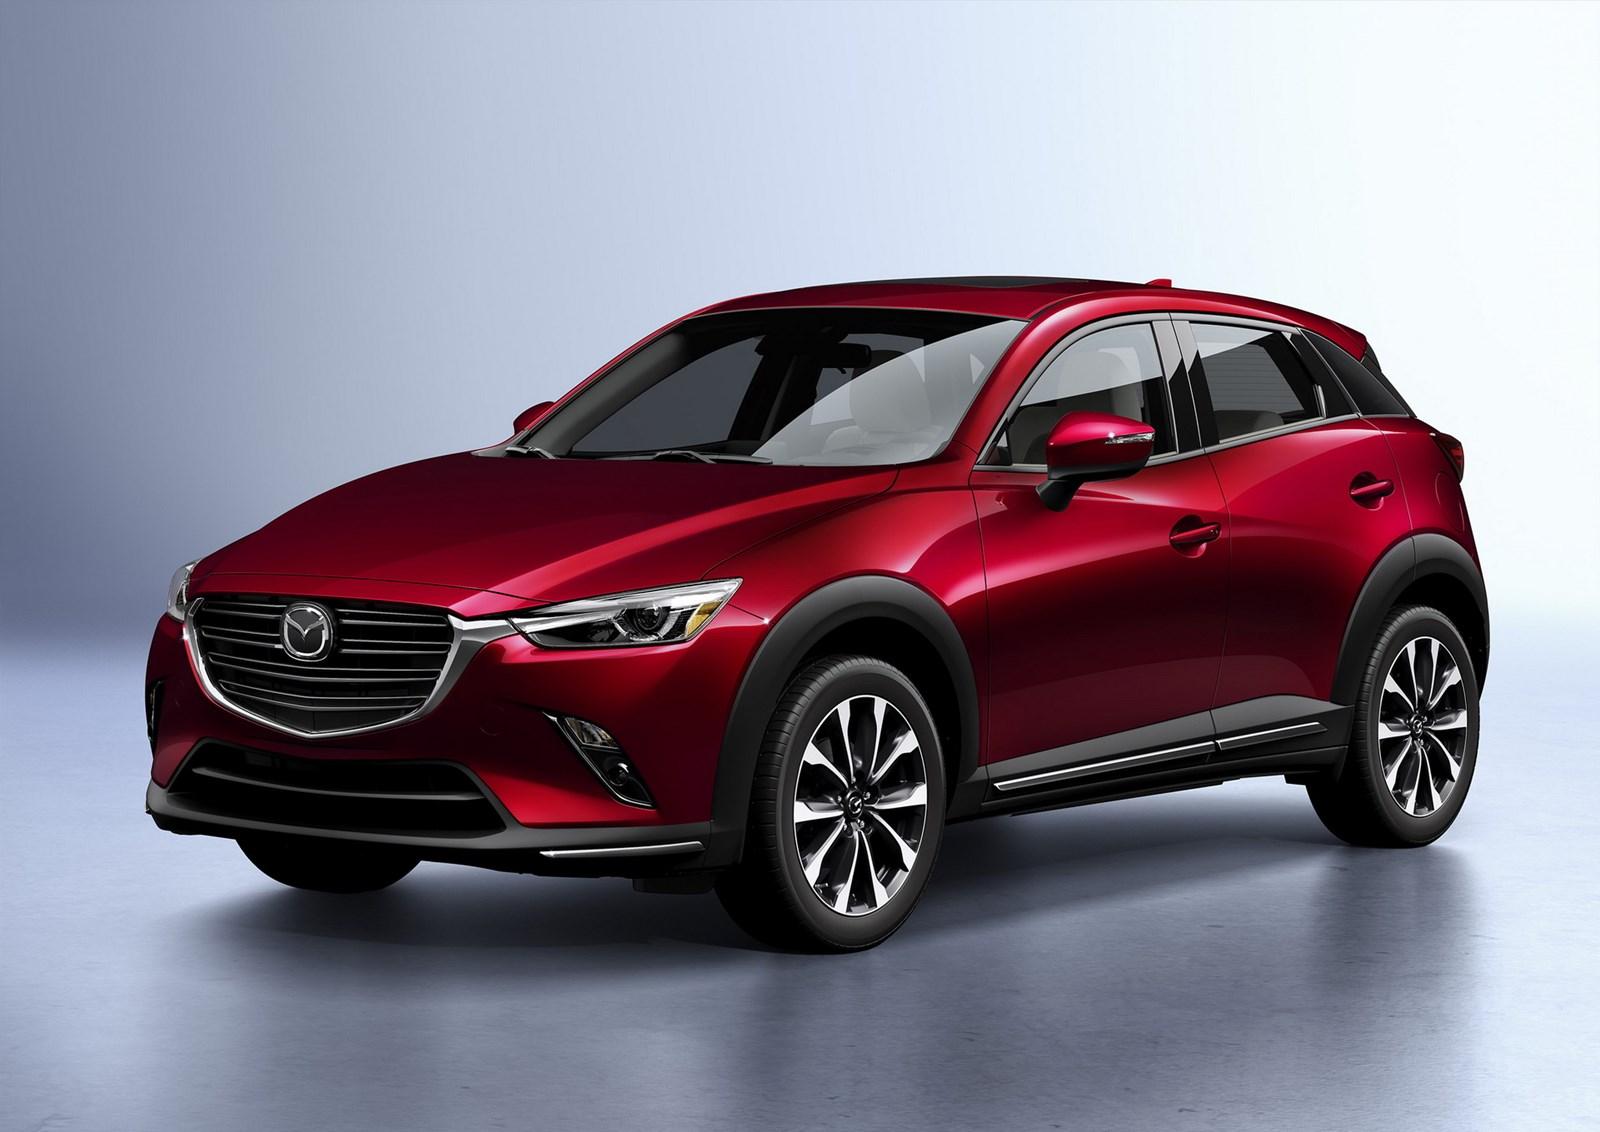 В Нью-Йорке состоится дебют Mazda CX-3 с новым двигателем и интереьером